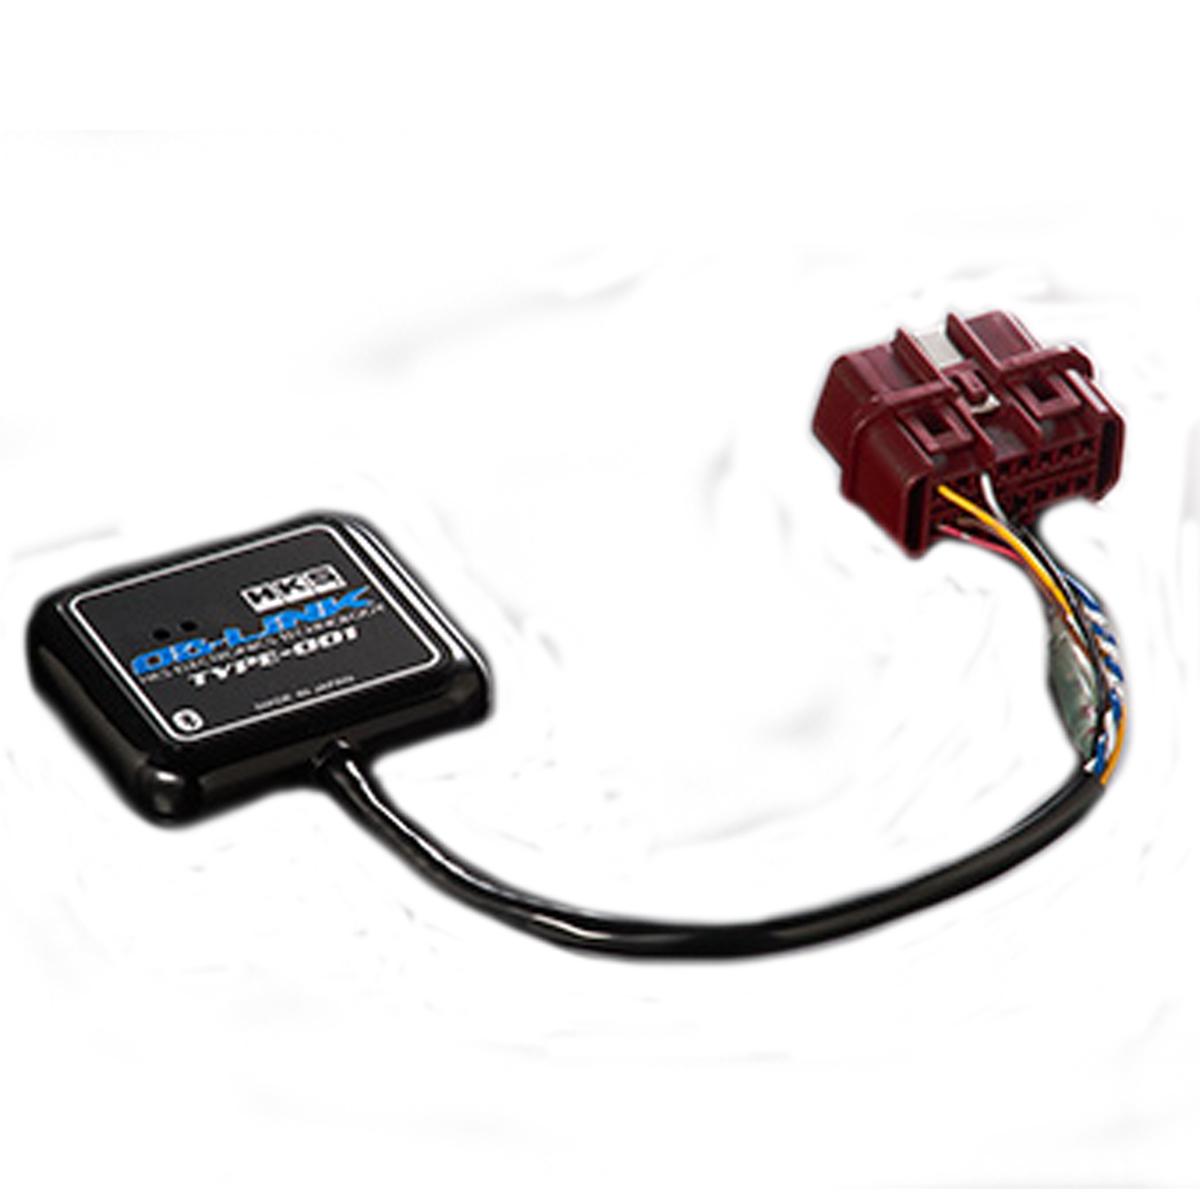 ブレビス モニター OBリンク タイプ 001 JCG11 HKS 44009-AK002 エレクトリニクス